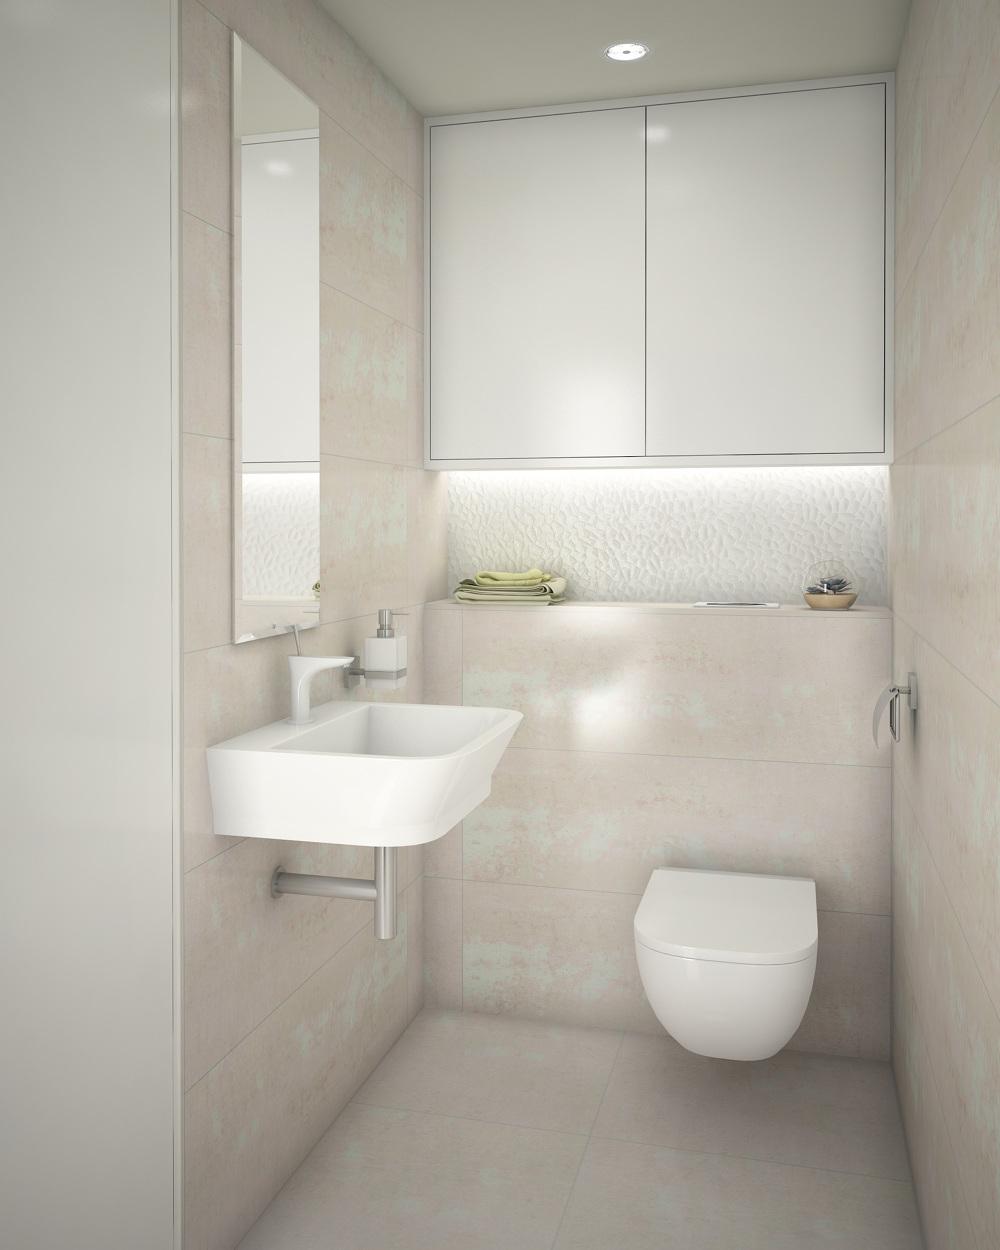 Toaleta Ii Projektowanie I Aranzacja Wnetrz Rzeszow Dot Studio